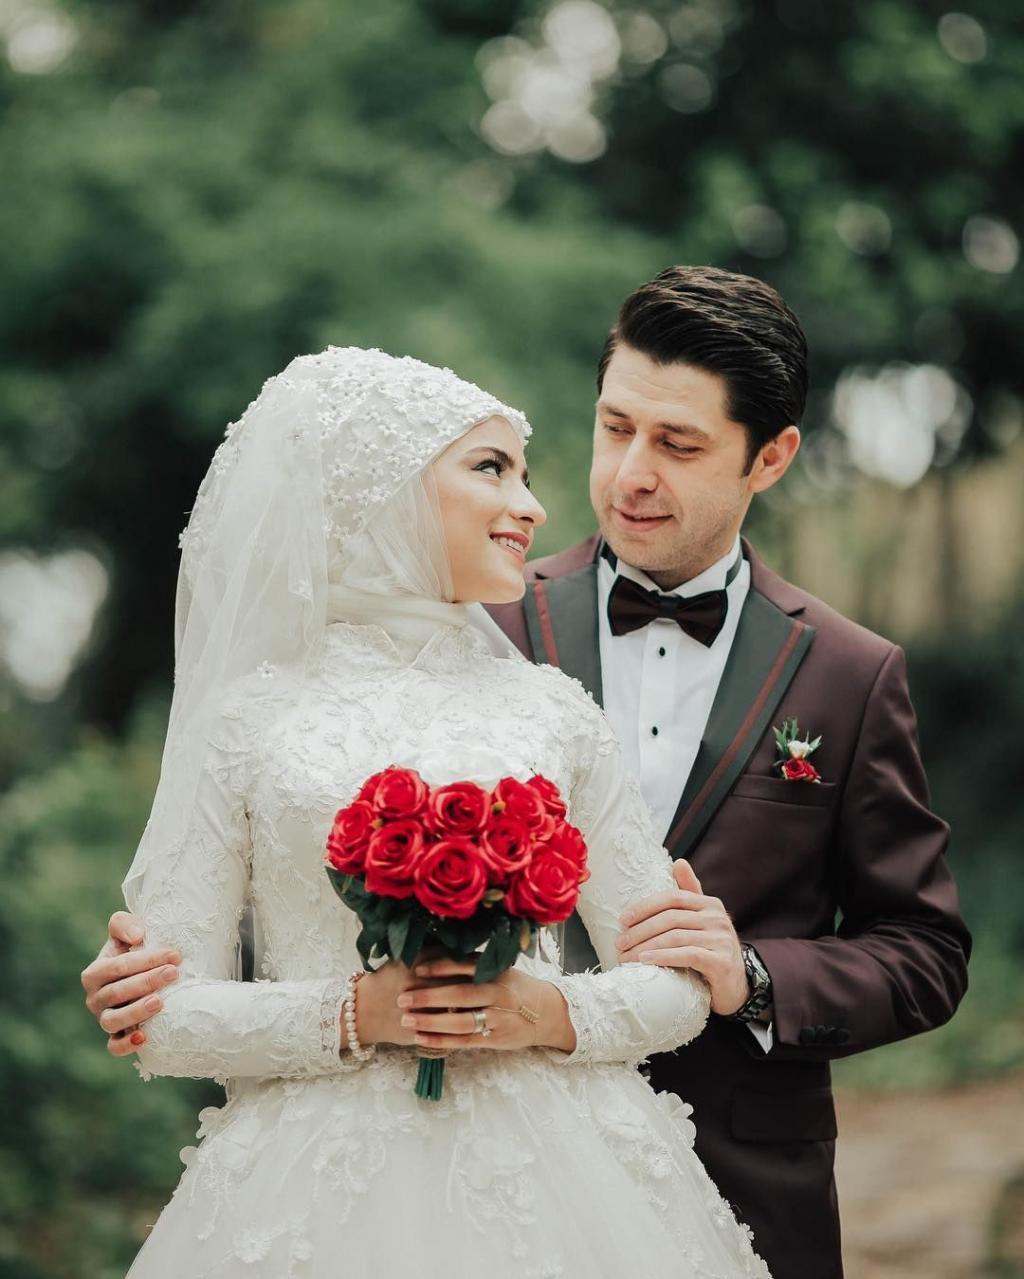 ژست عکاسی عاشقانه عروس و داماد ایرانی